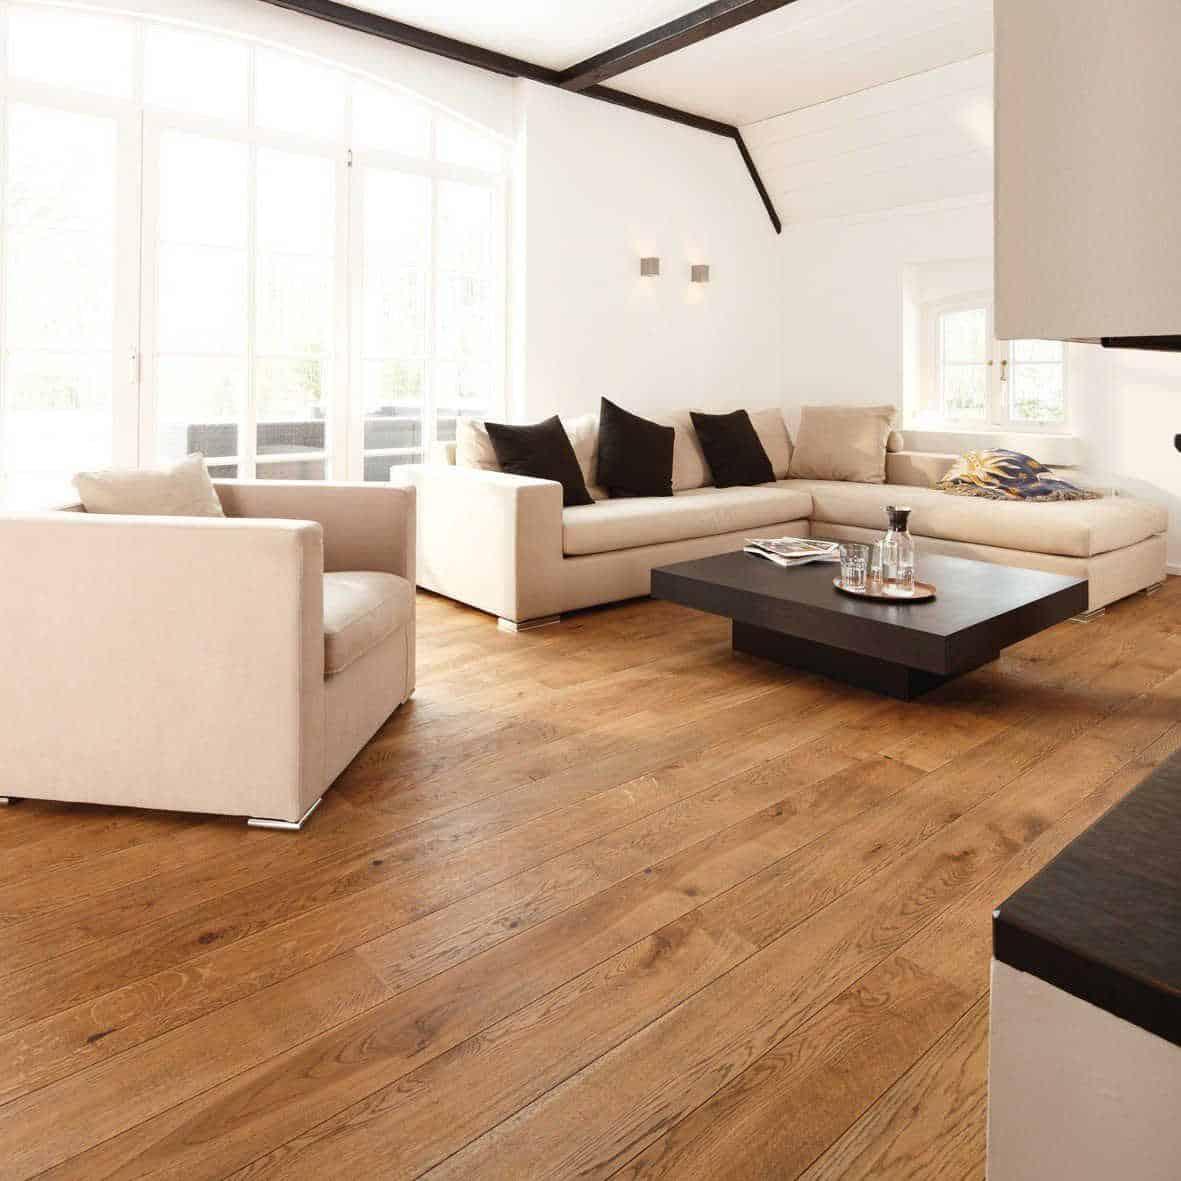 Pavimenti In Legno Rovere Sbiancato Spazzolato ~ Design casa creativa e mobili ispiratori